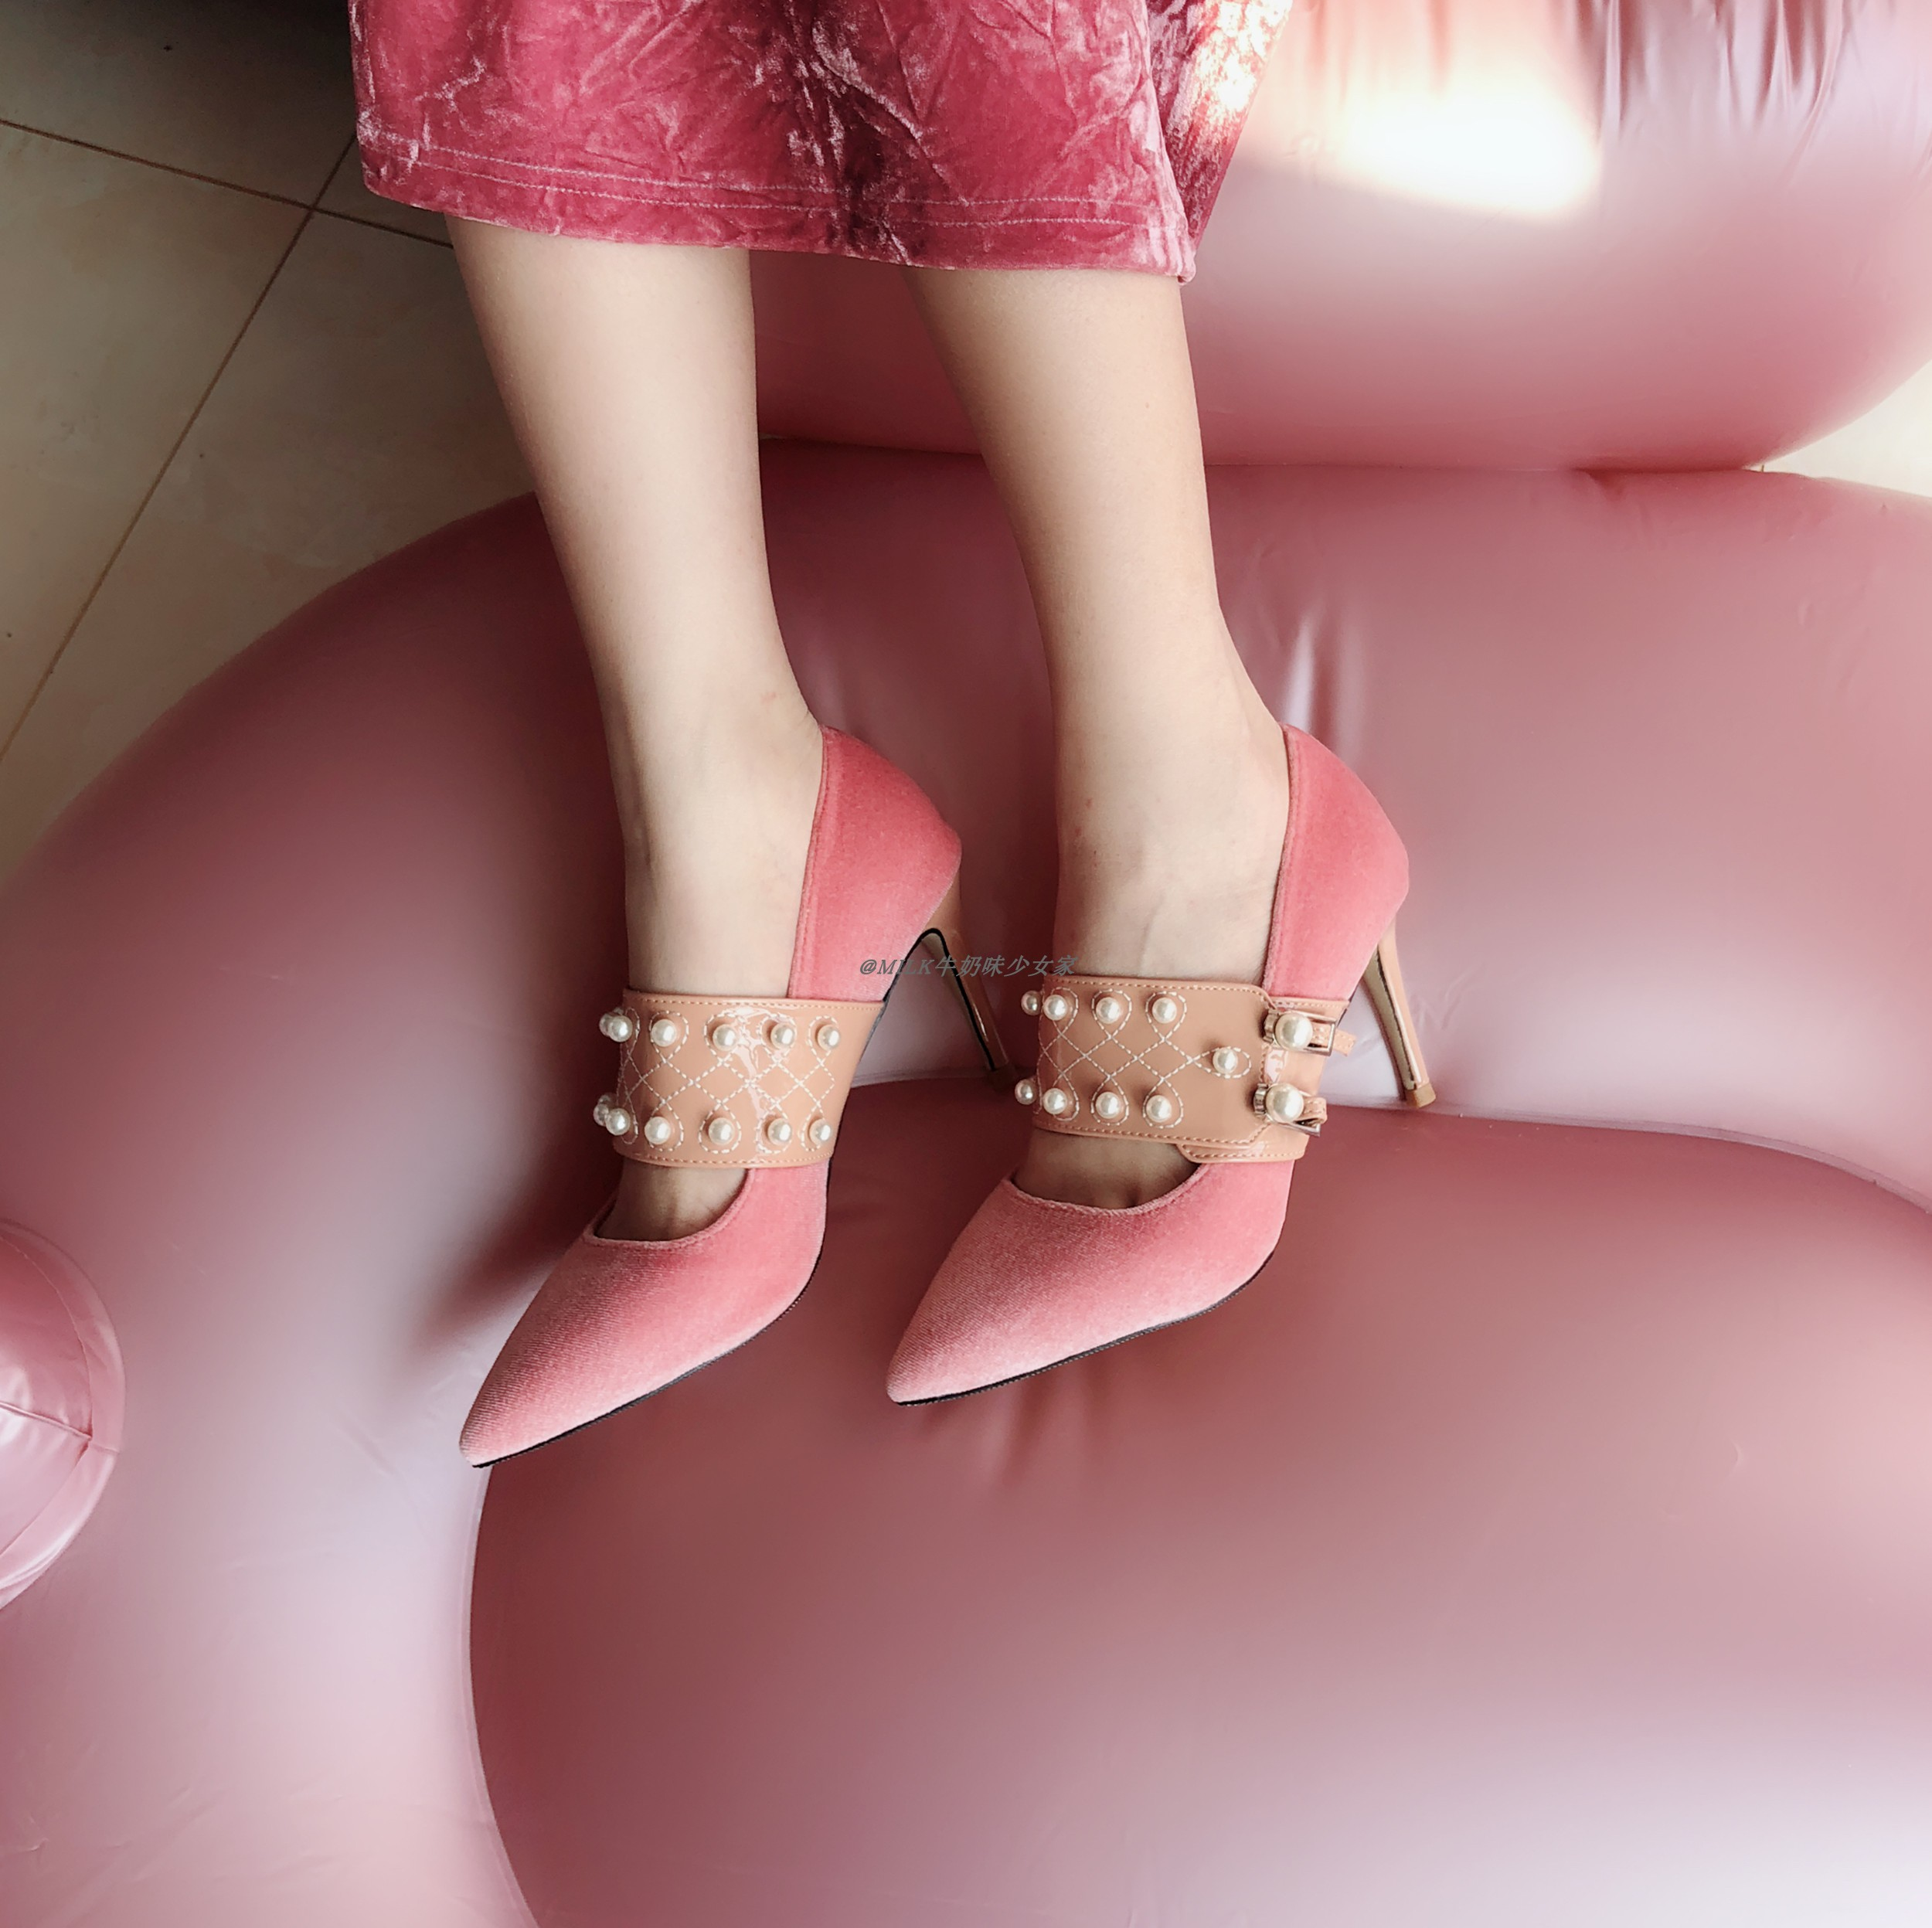 En Peu Hauts Profonde 2019 À Talons Sauvage Pointu Chaussures 1 Bouche Printemps Avec Et Daim D'été De Fine Femmes lFc1TJK